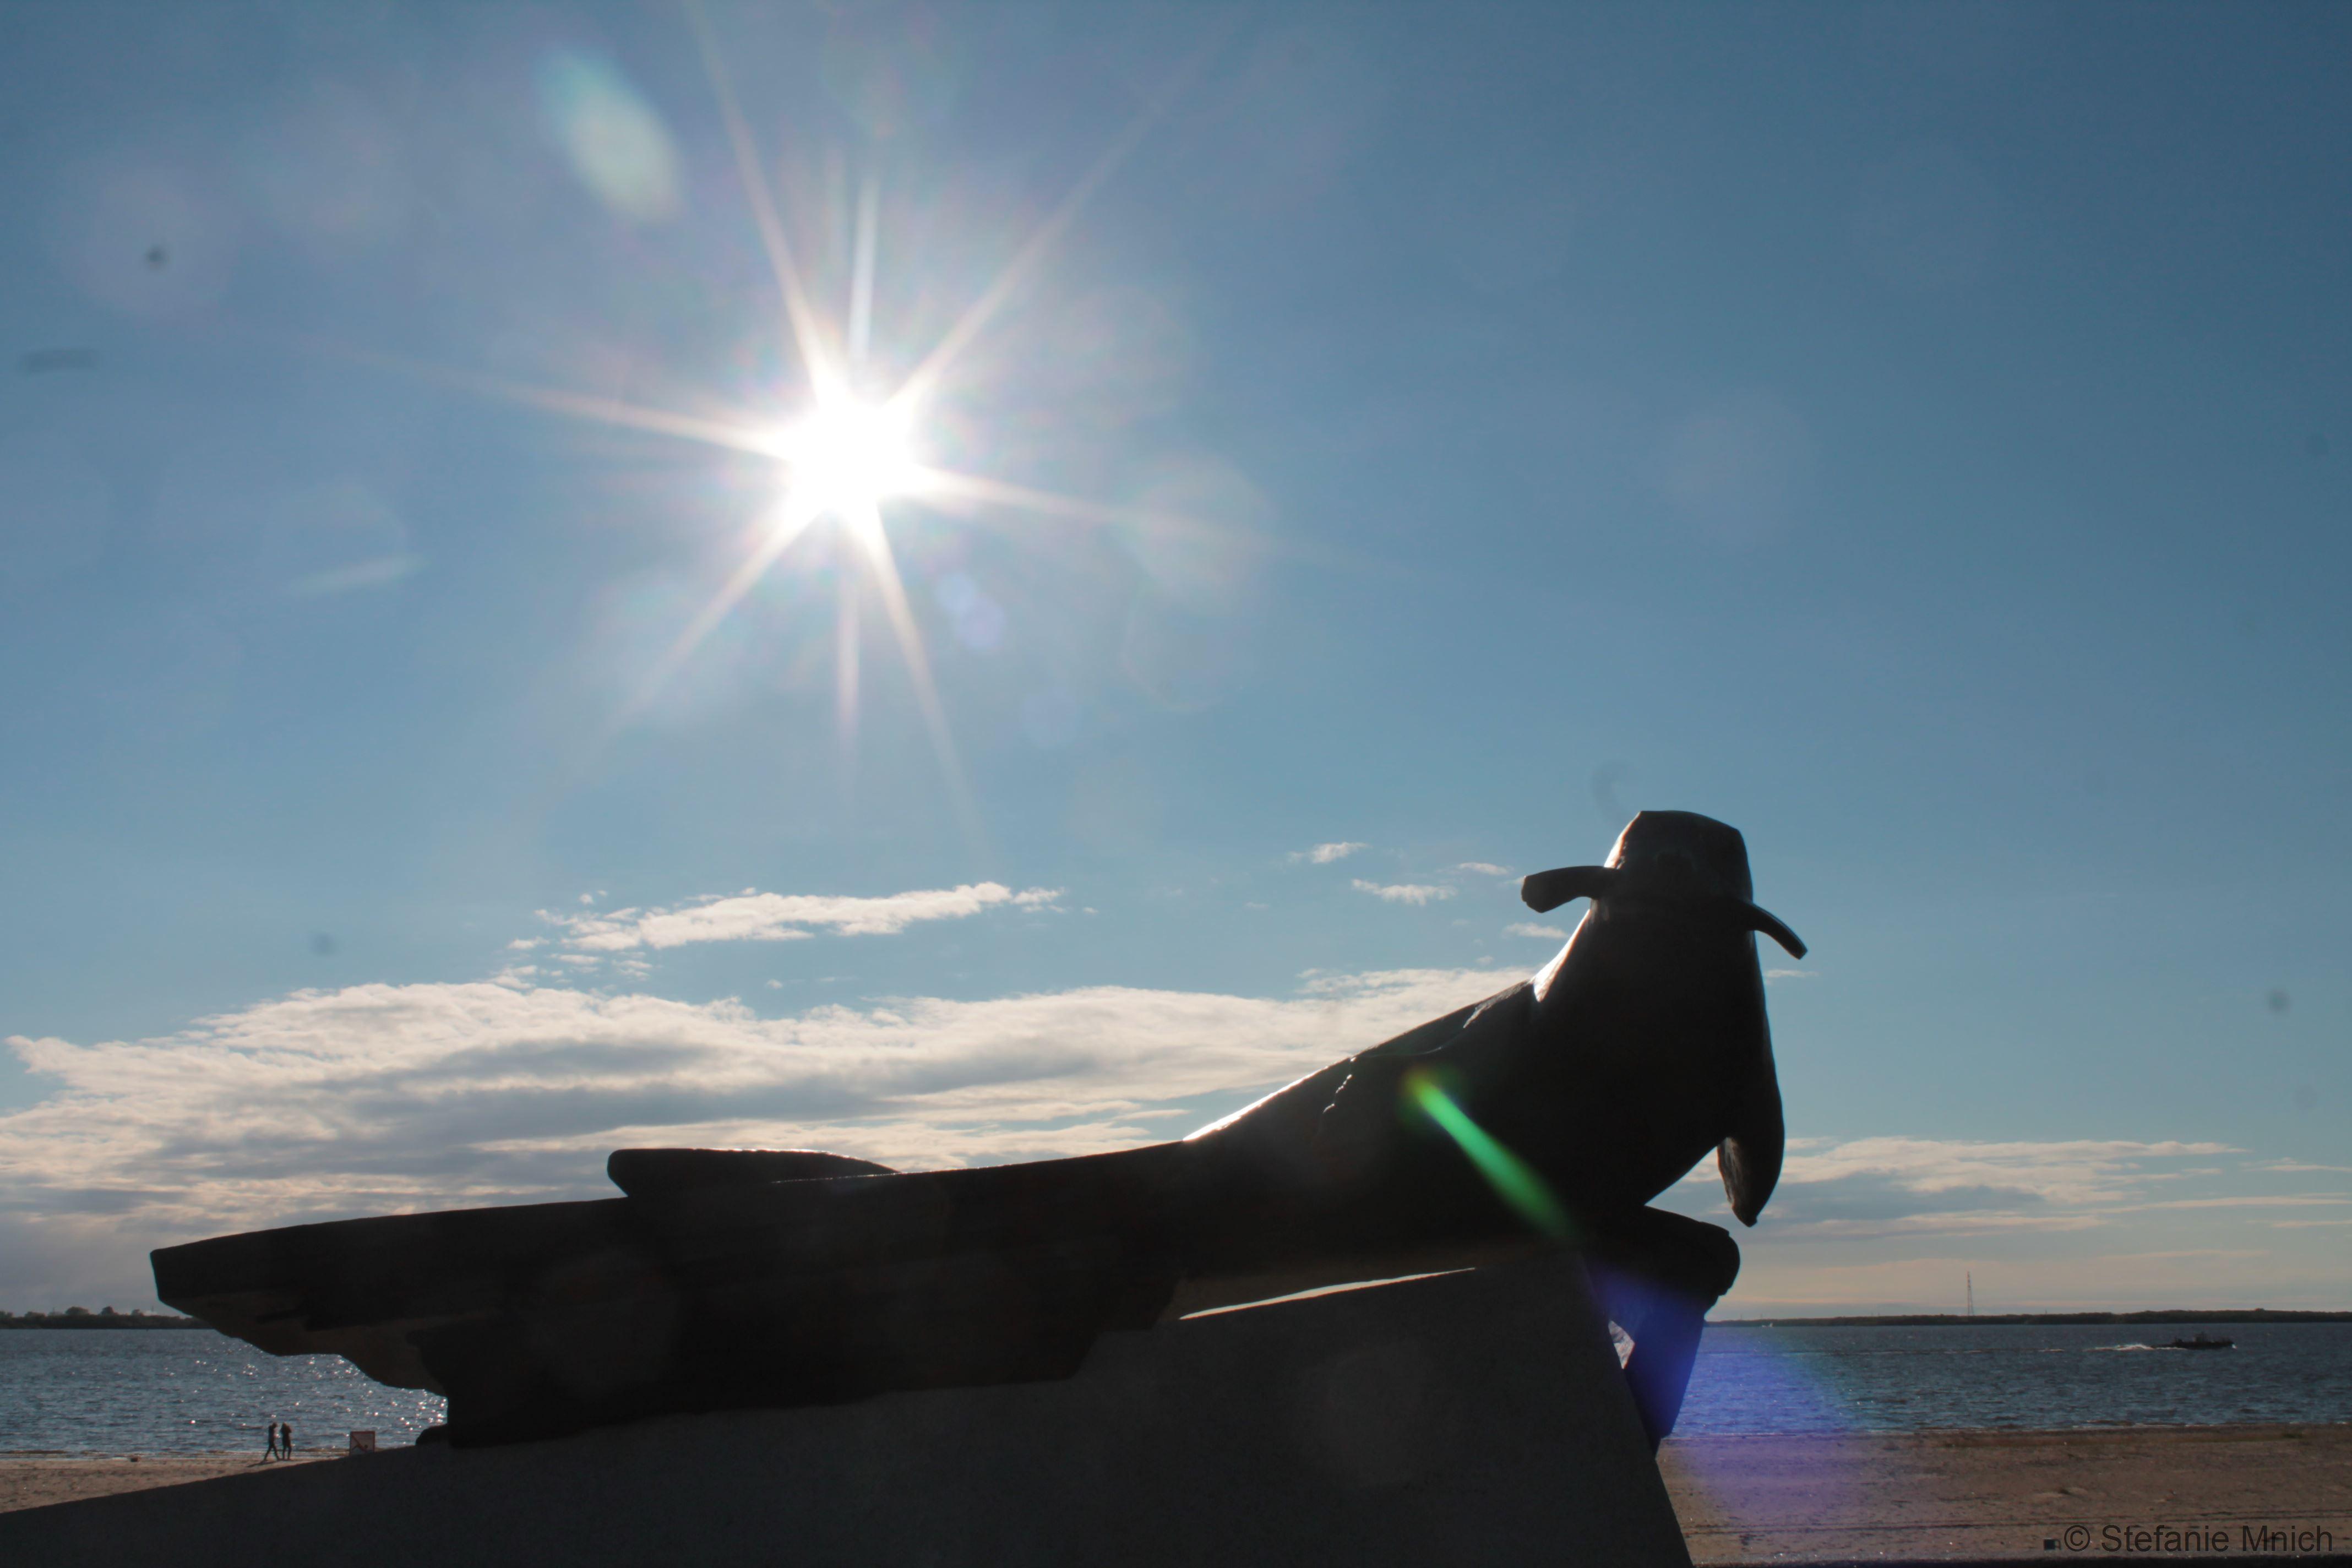 """Denkmal """"Robben-Retter"""", zum Gedenken daran, dass die Robben die Bevölkerung vor einer Hungerskatastrophe bewahrten"""